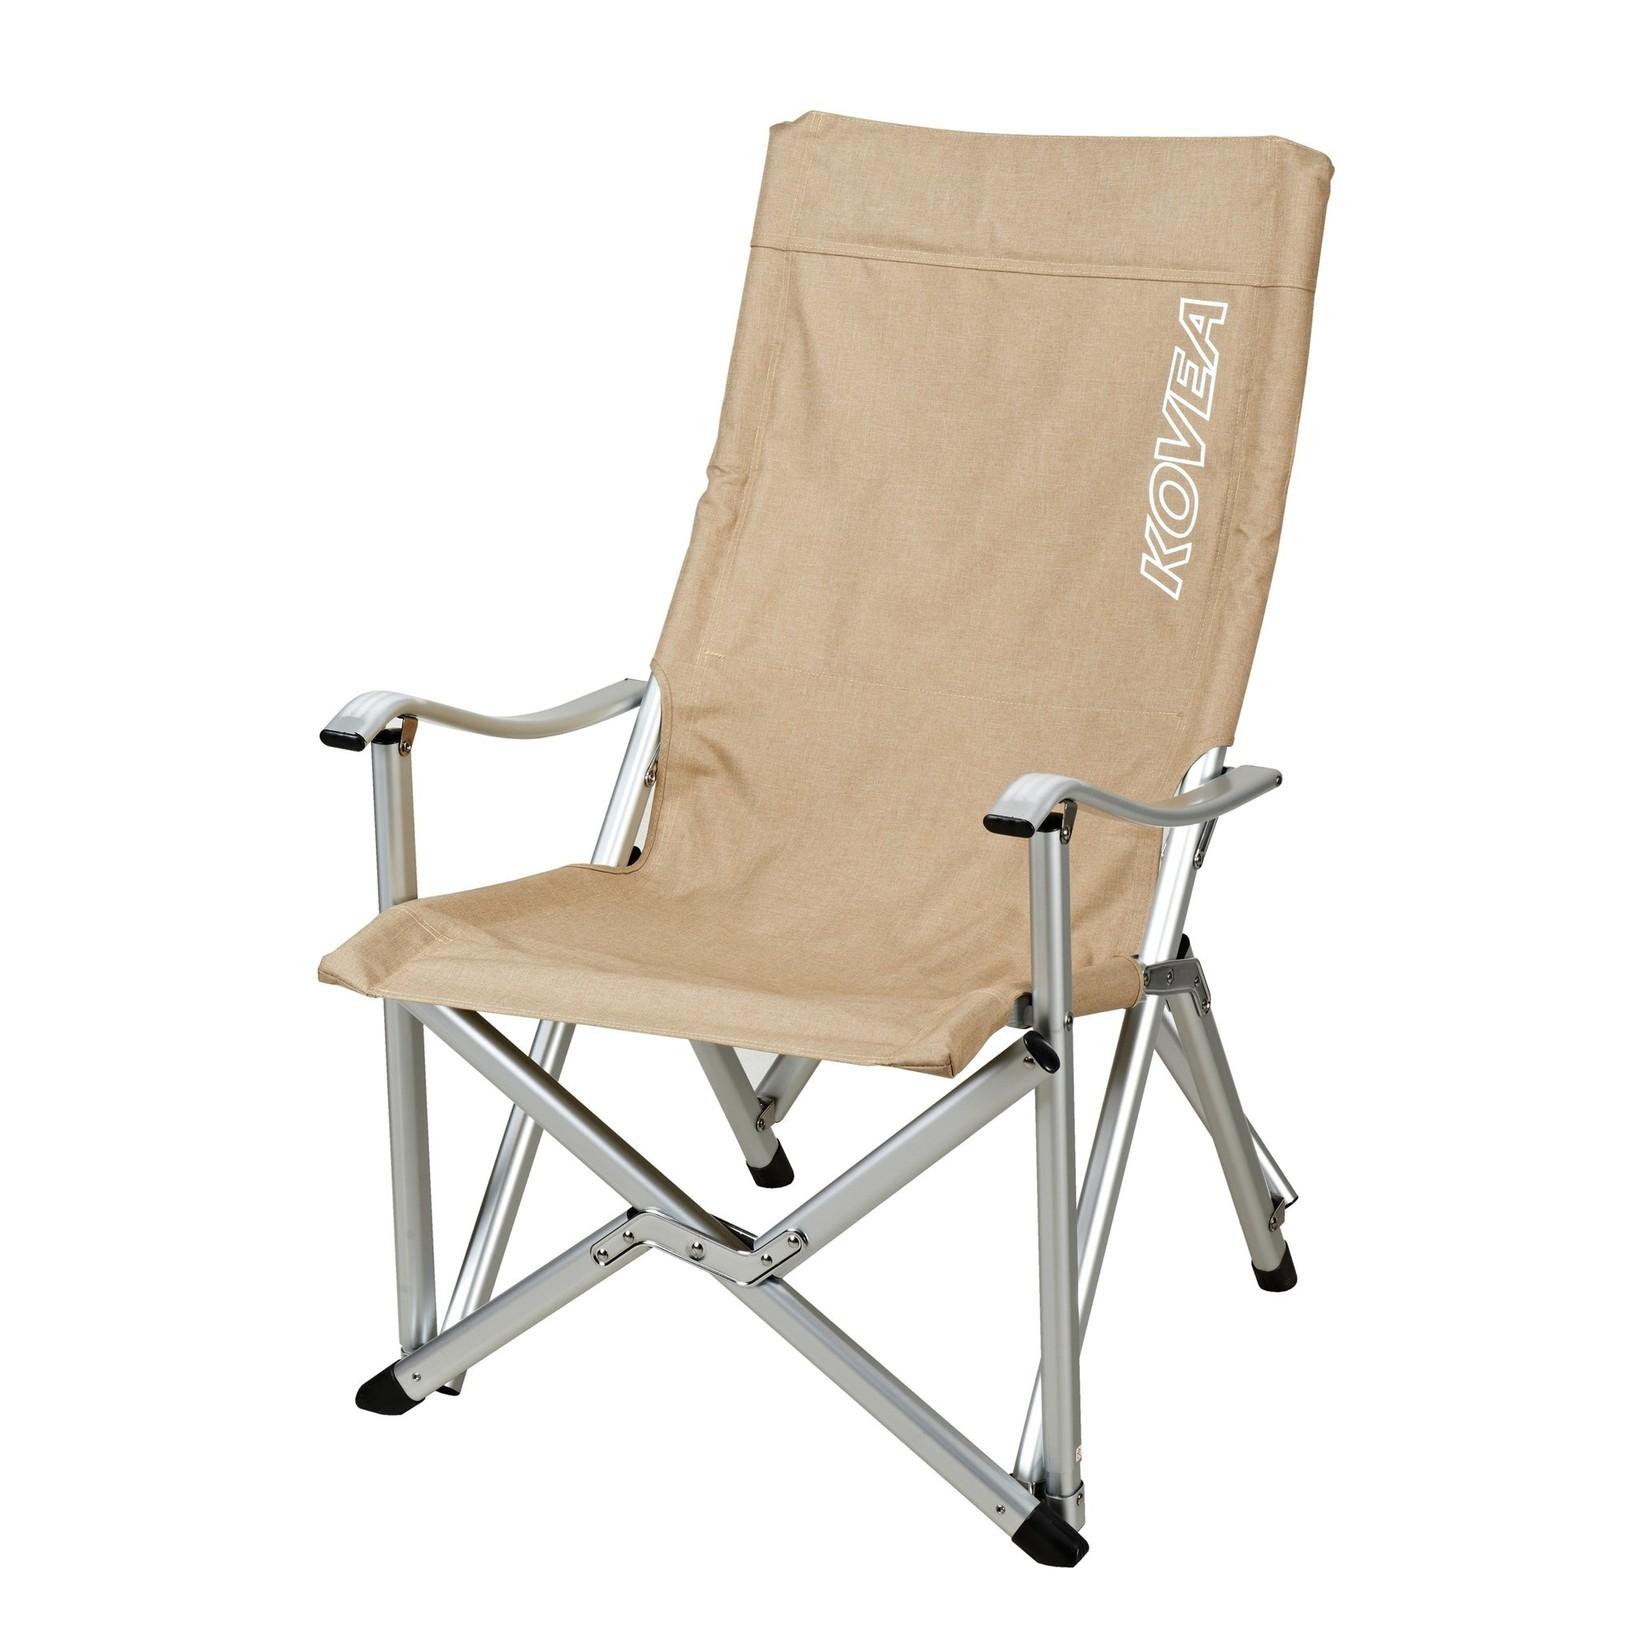 Kovea Field Luxury Chair II